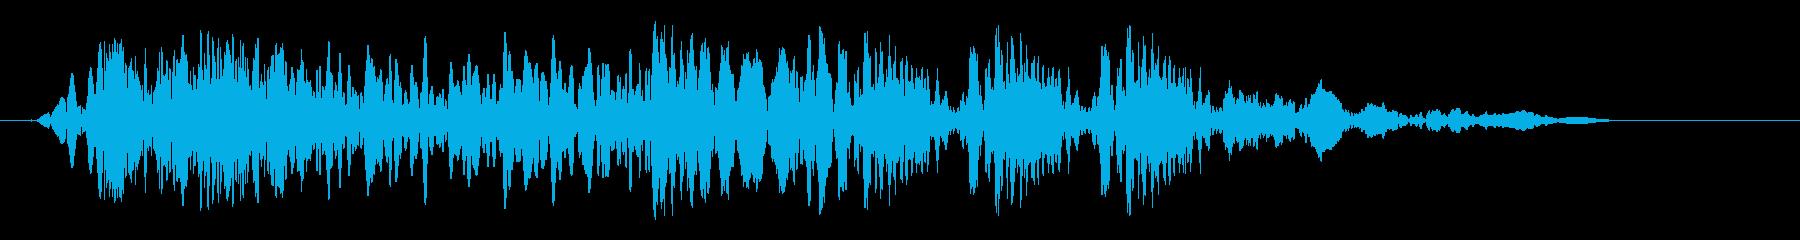 クイックフラタリングザップの再生済みの波形